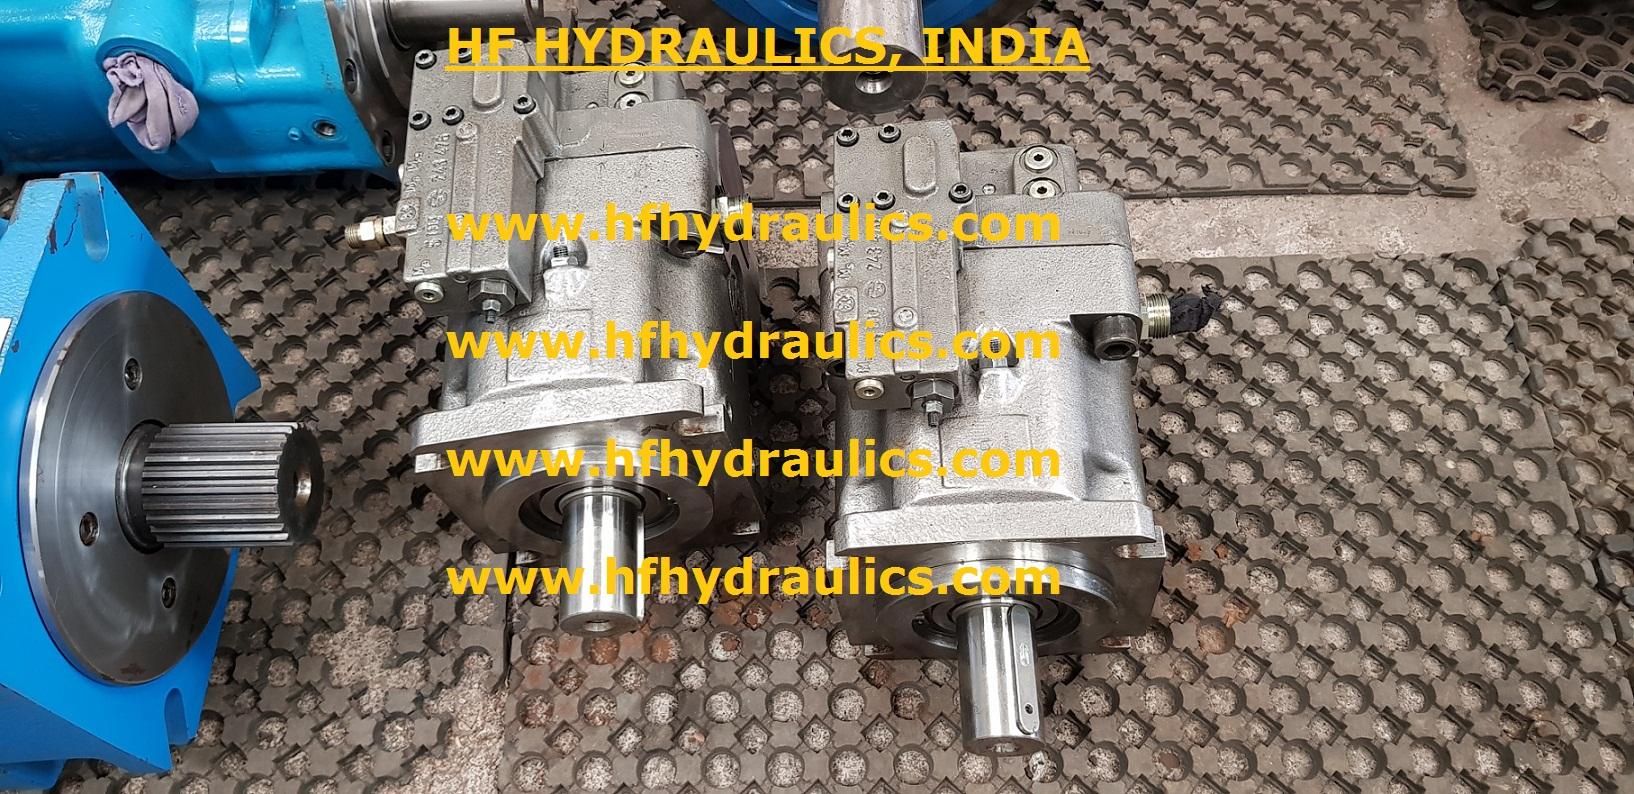 REXROTH A11VO130DRL MODEL HYDRAULIC PUMP (HF HYDRAULICS, INDIA)